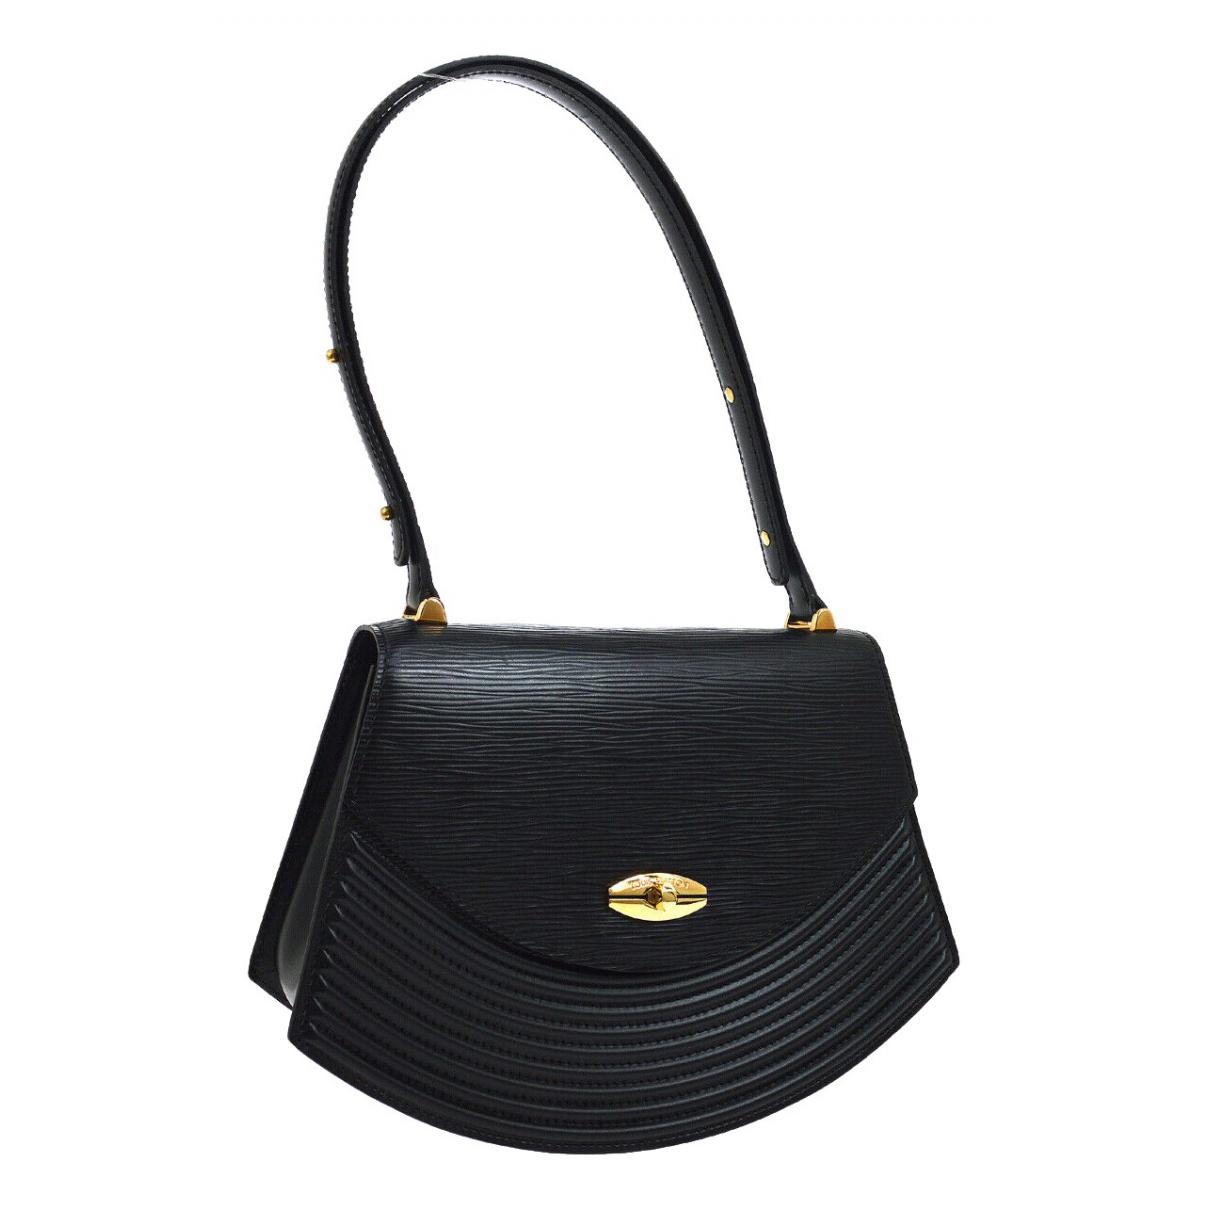 Louis Vuitton - Sac a main   pour femme en cuir - noir